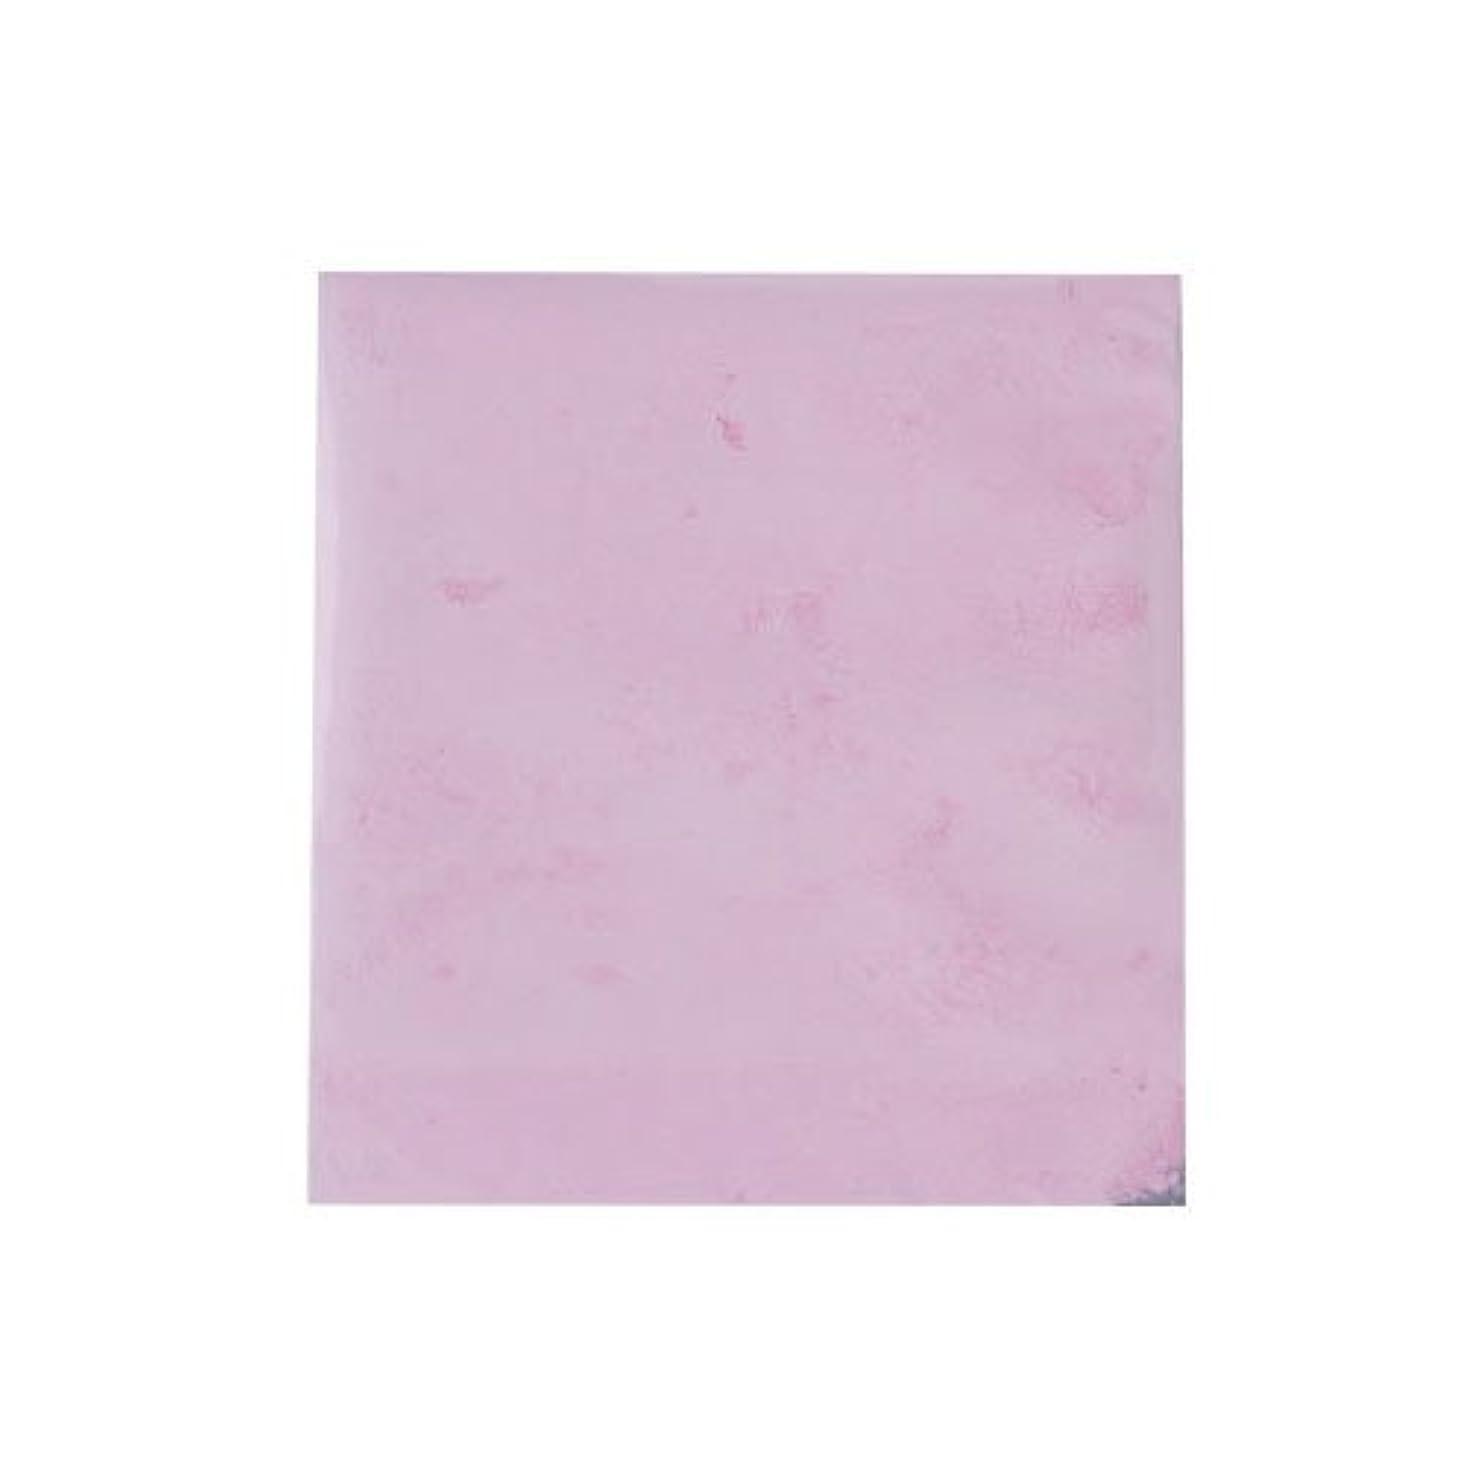 代数窓を洗う辛なピカエース ネイル用パウダー カラーパウダー 着色顔料 #724 ローズピンク 2g